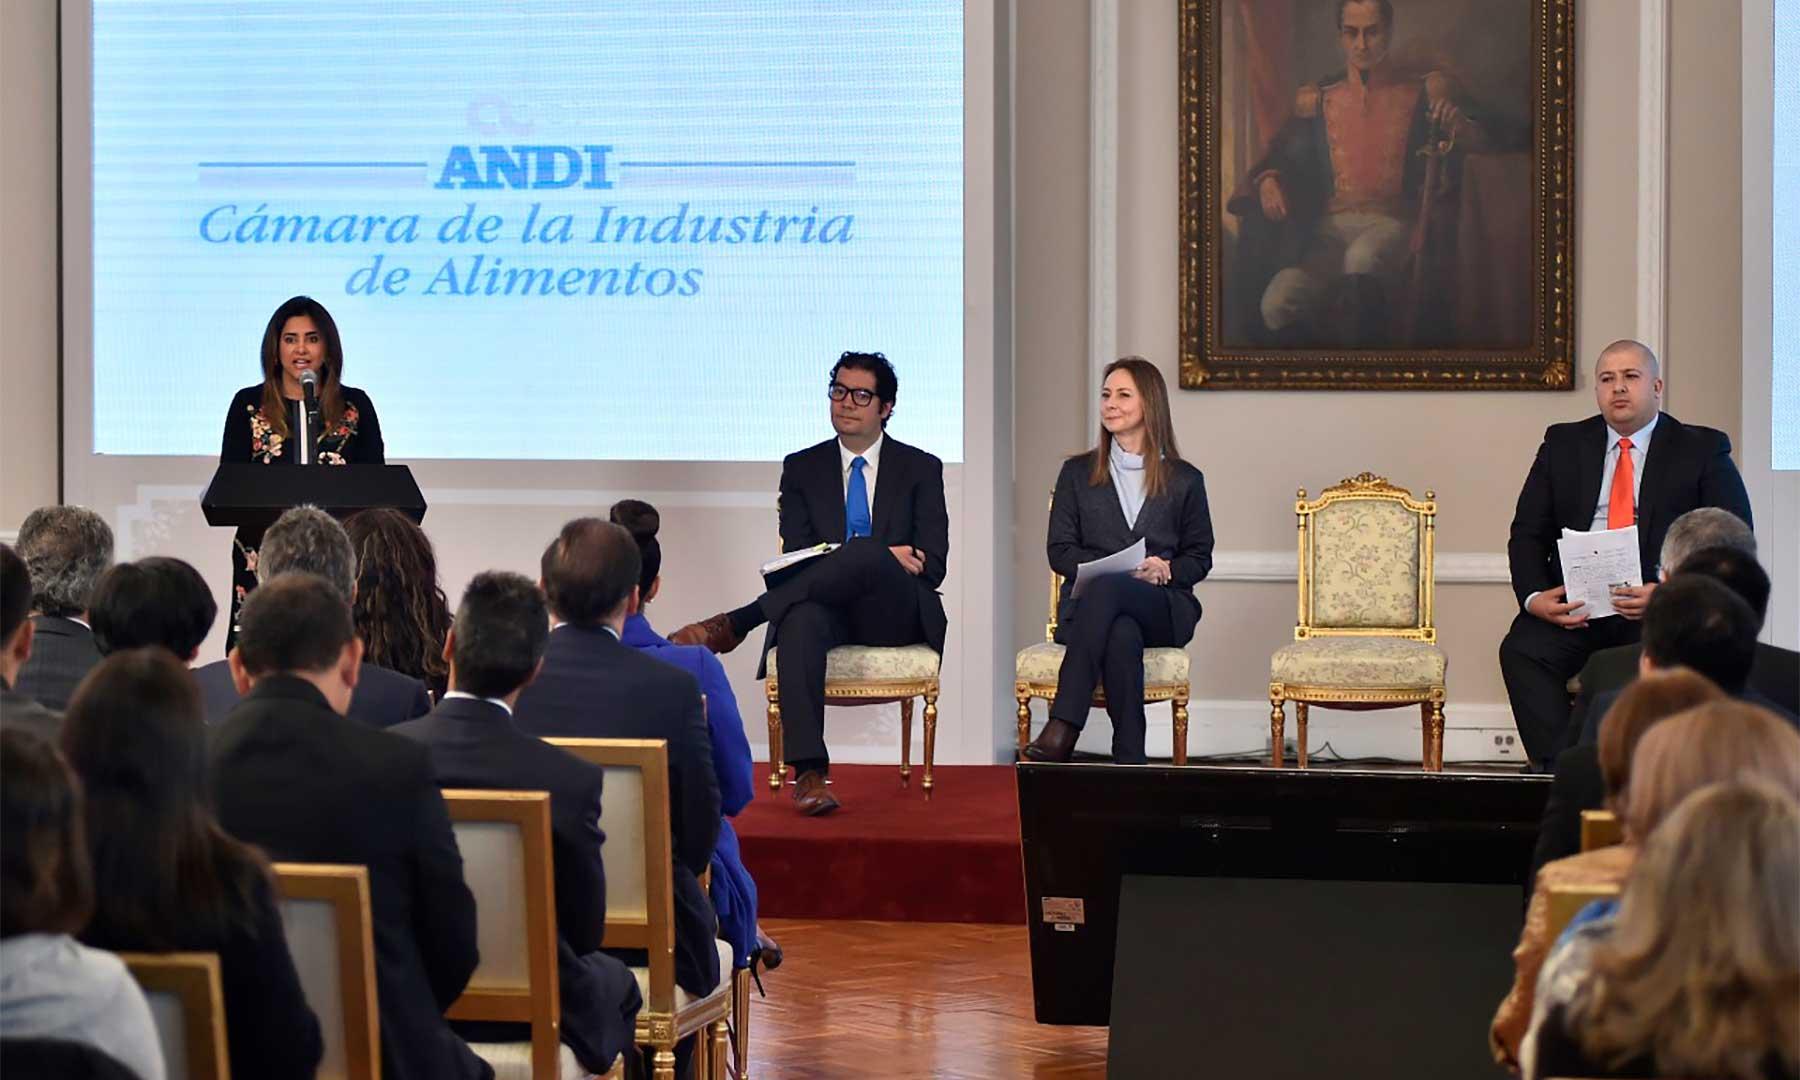 La Asociación de Bancos de Alimentos y la Cámara de la Industria de Alimentos de la ANDI se unen a la Gran Alianza por la Nutrición